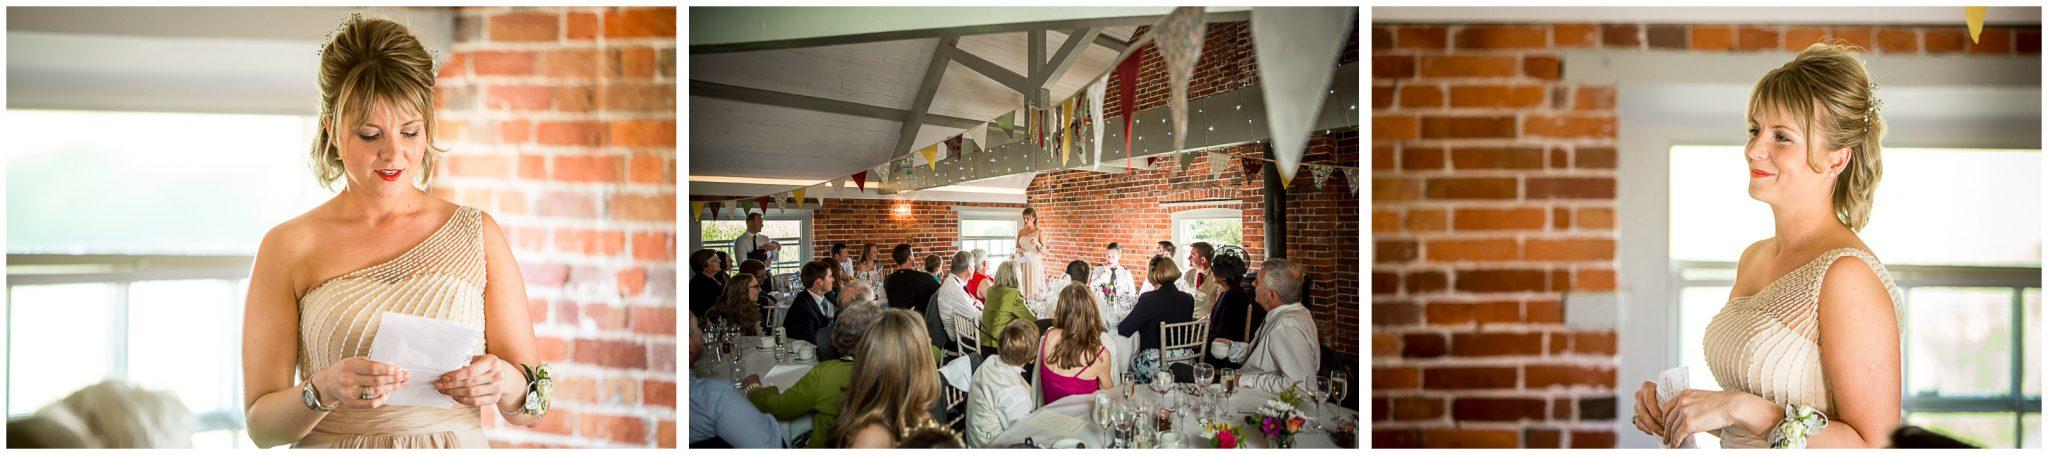 Sopley wedding photographer berst friend gives speech